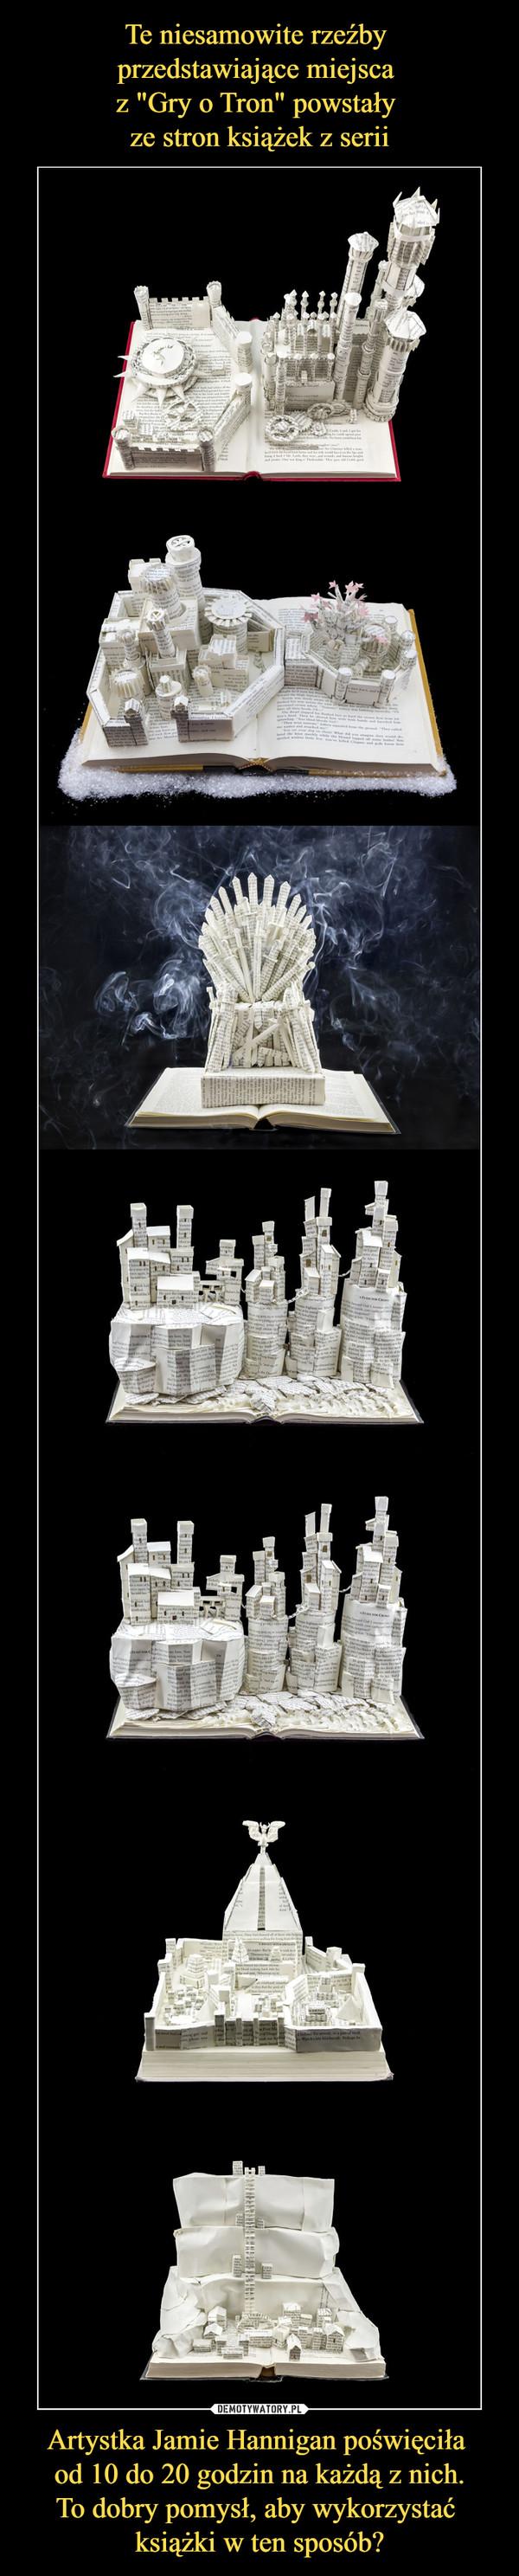 Artystka Jamie Hannigan poświęciła od 10 do 20 godzin na każdą z nich.To dobry pomysł, aby wykorzystać książki w ten sposób? –